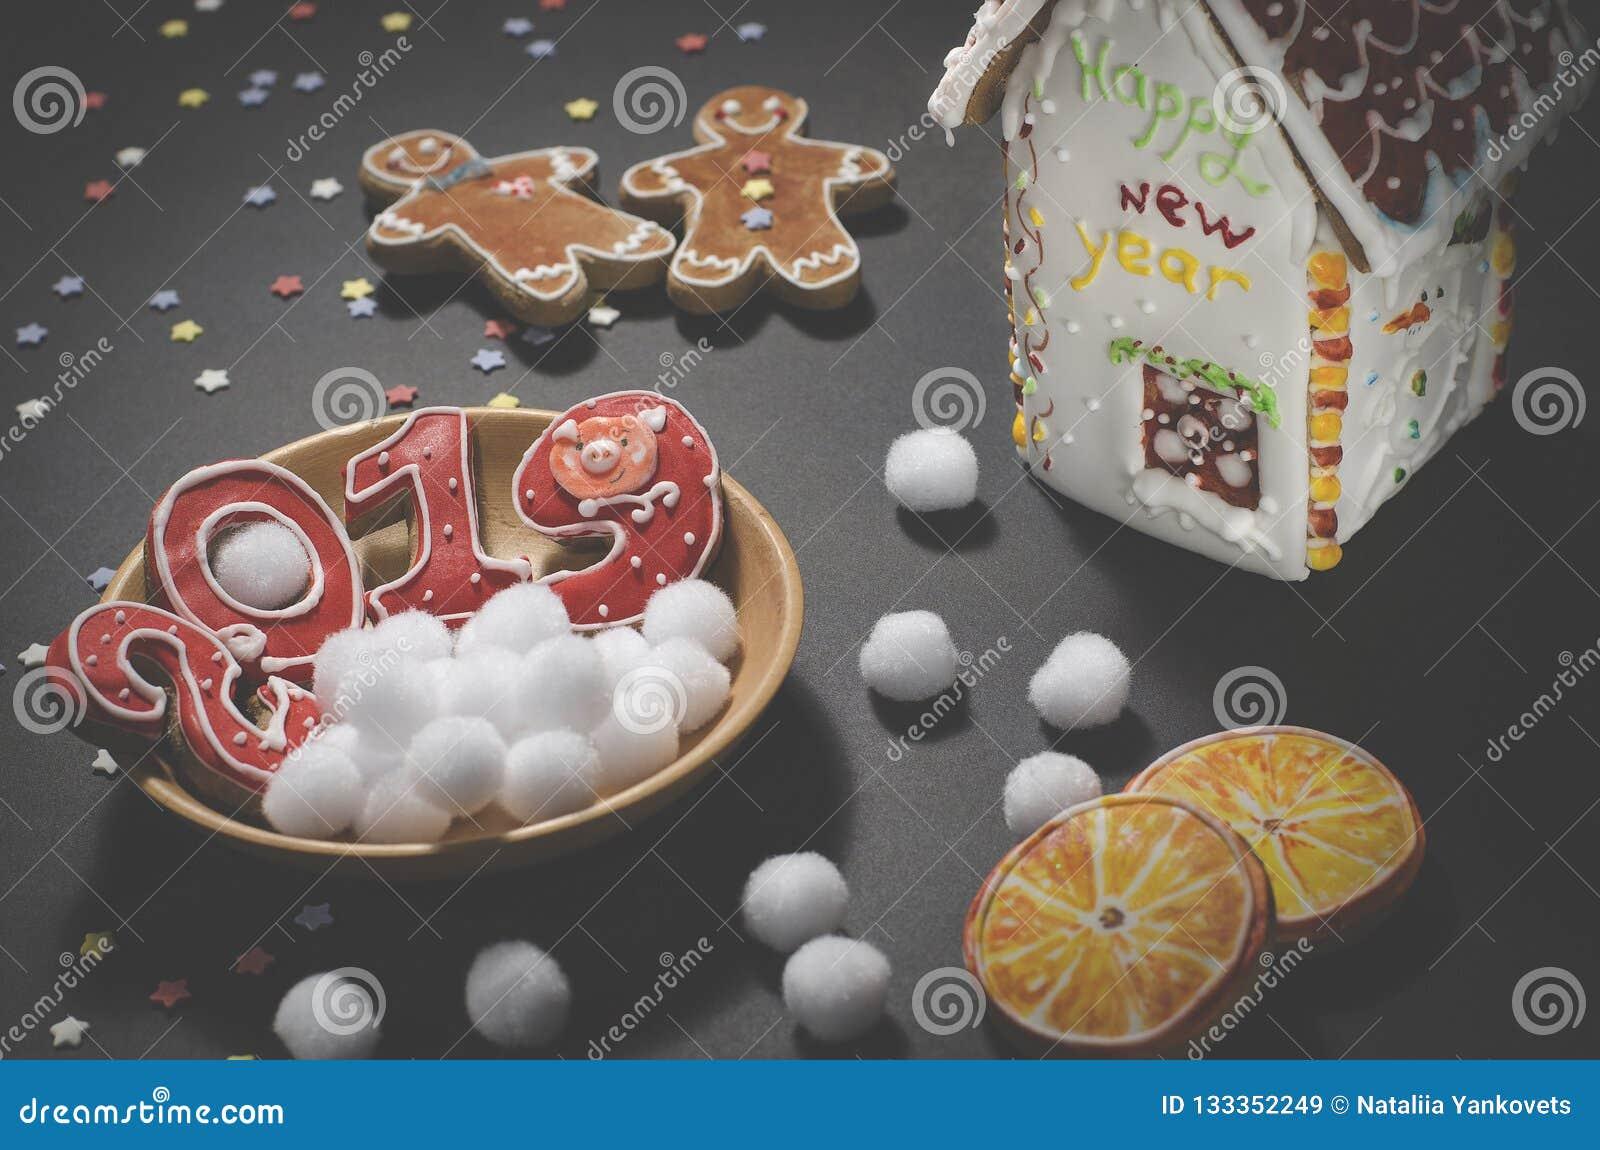 Рождественская открытка: на деревянной плите печенья красного имбиря в форме 2019 и белые круглые снежинки